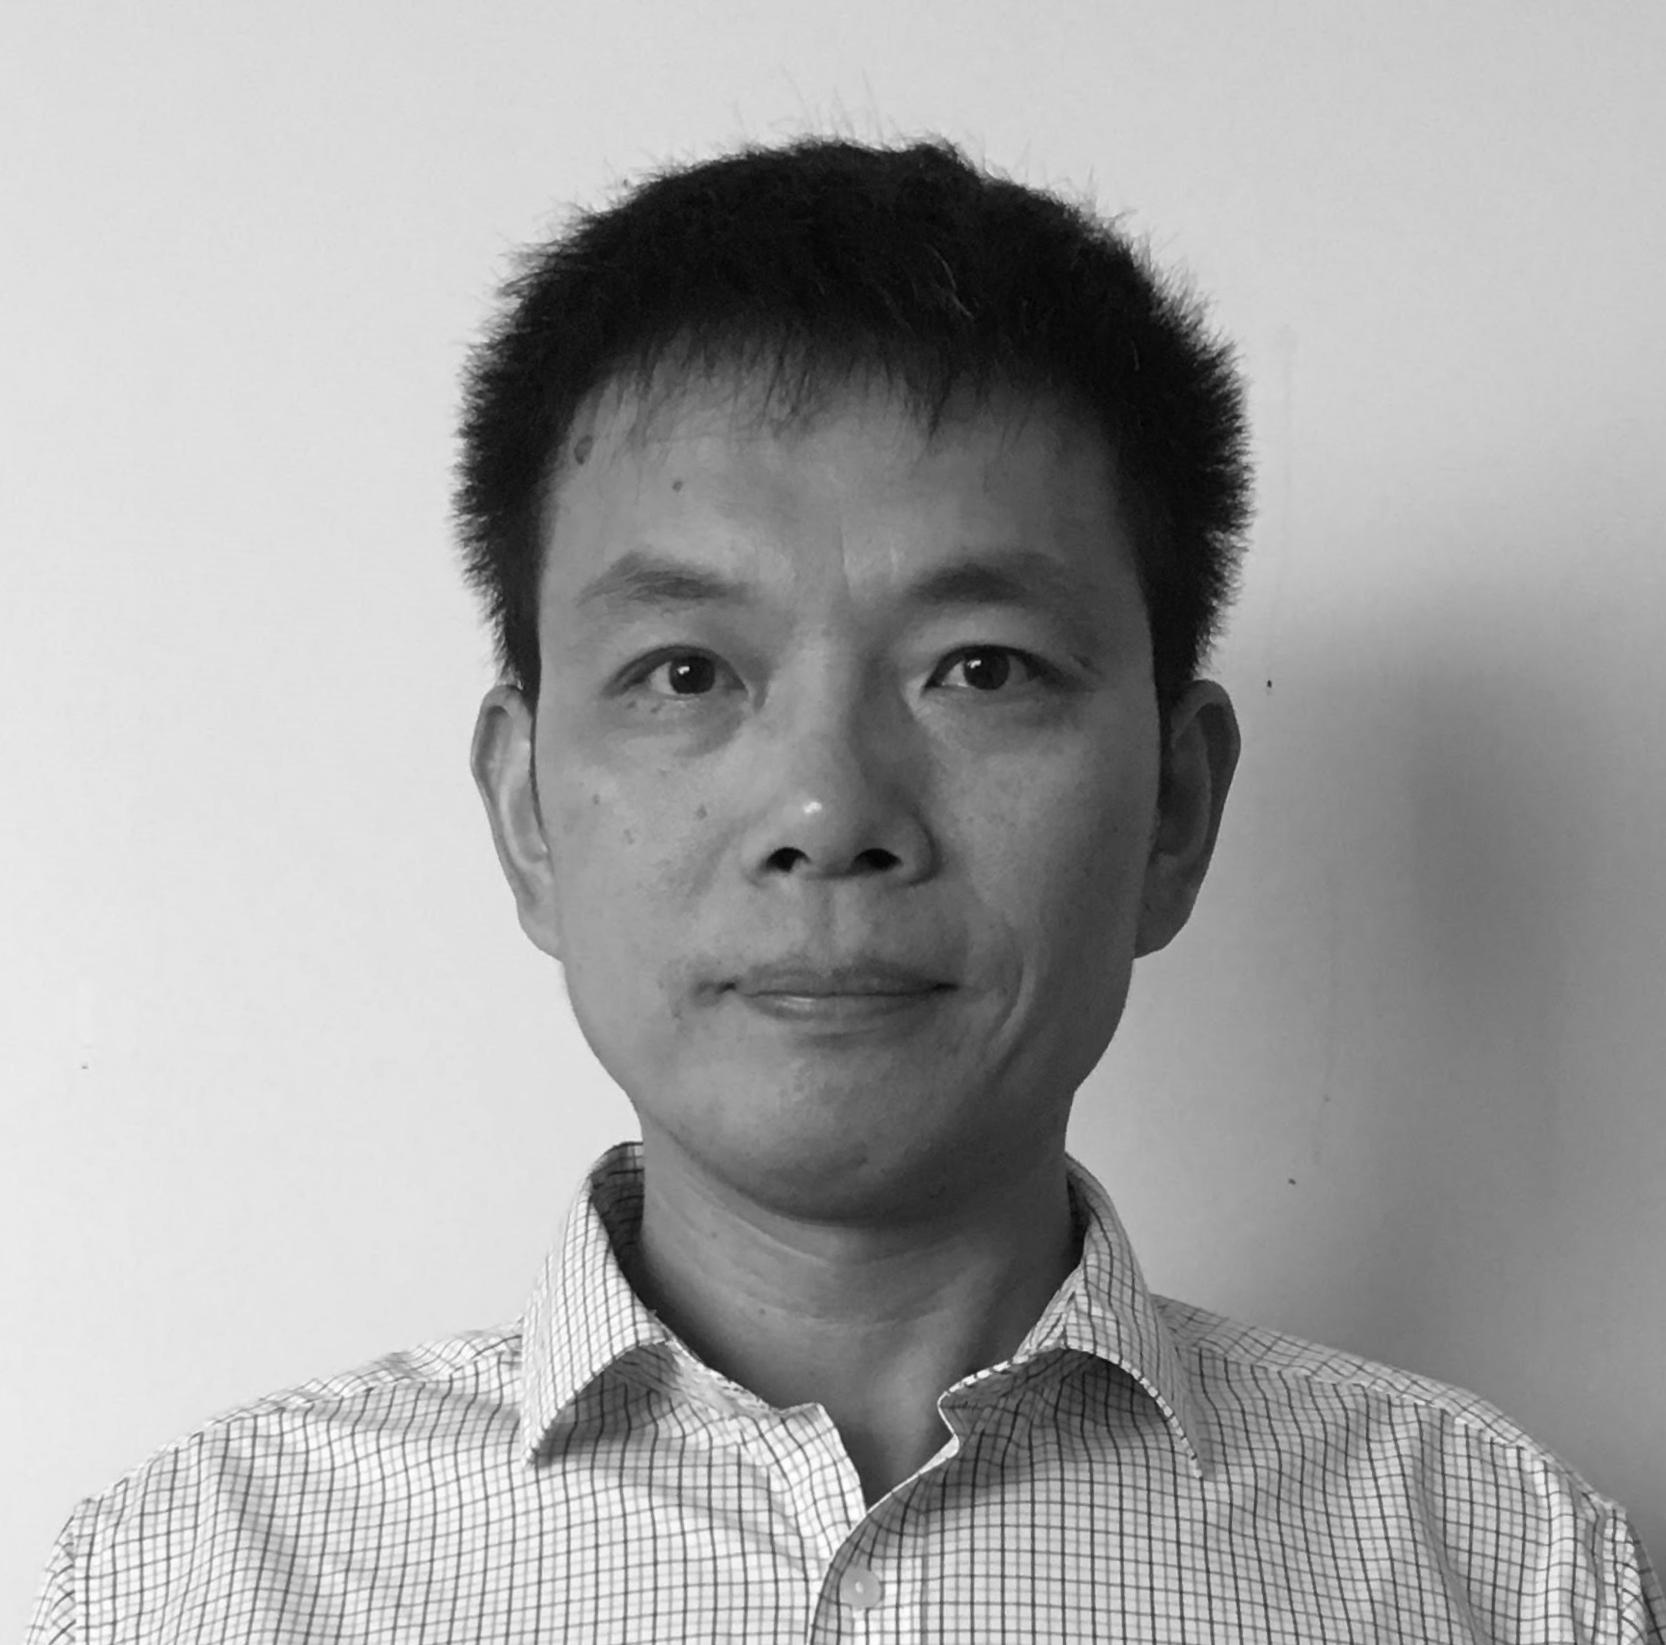 Weidong Fang